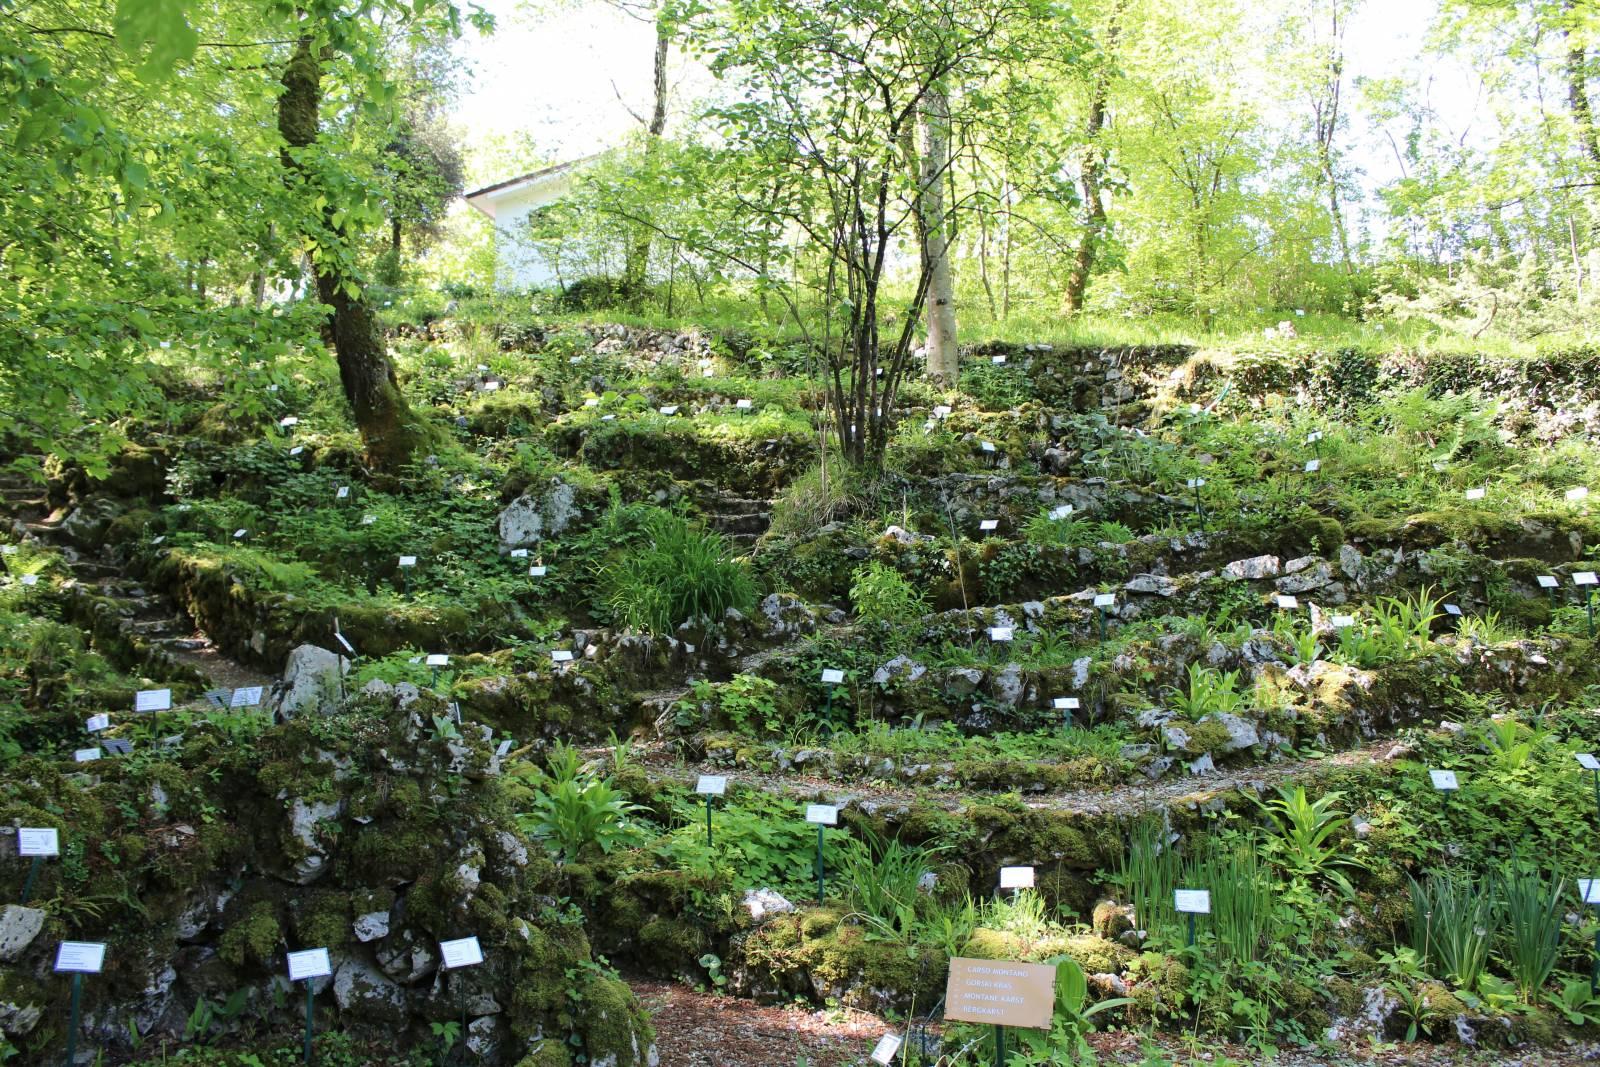 Dieci giardini botanici sulle alpi - Giardini di montagna ...